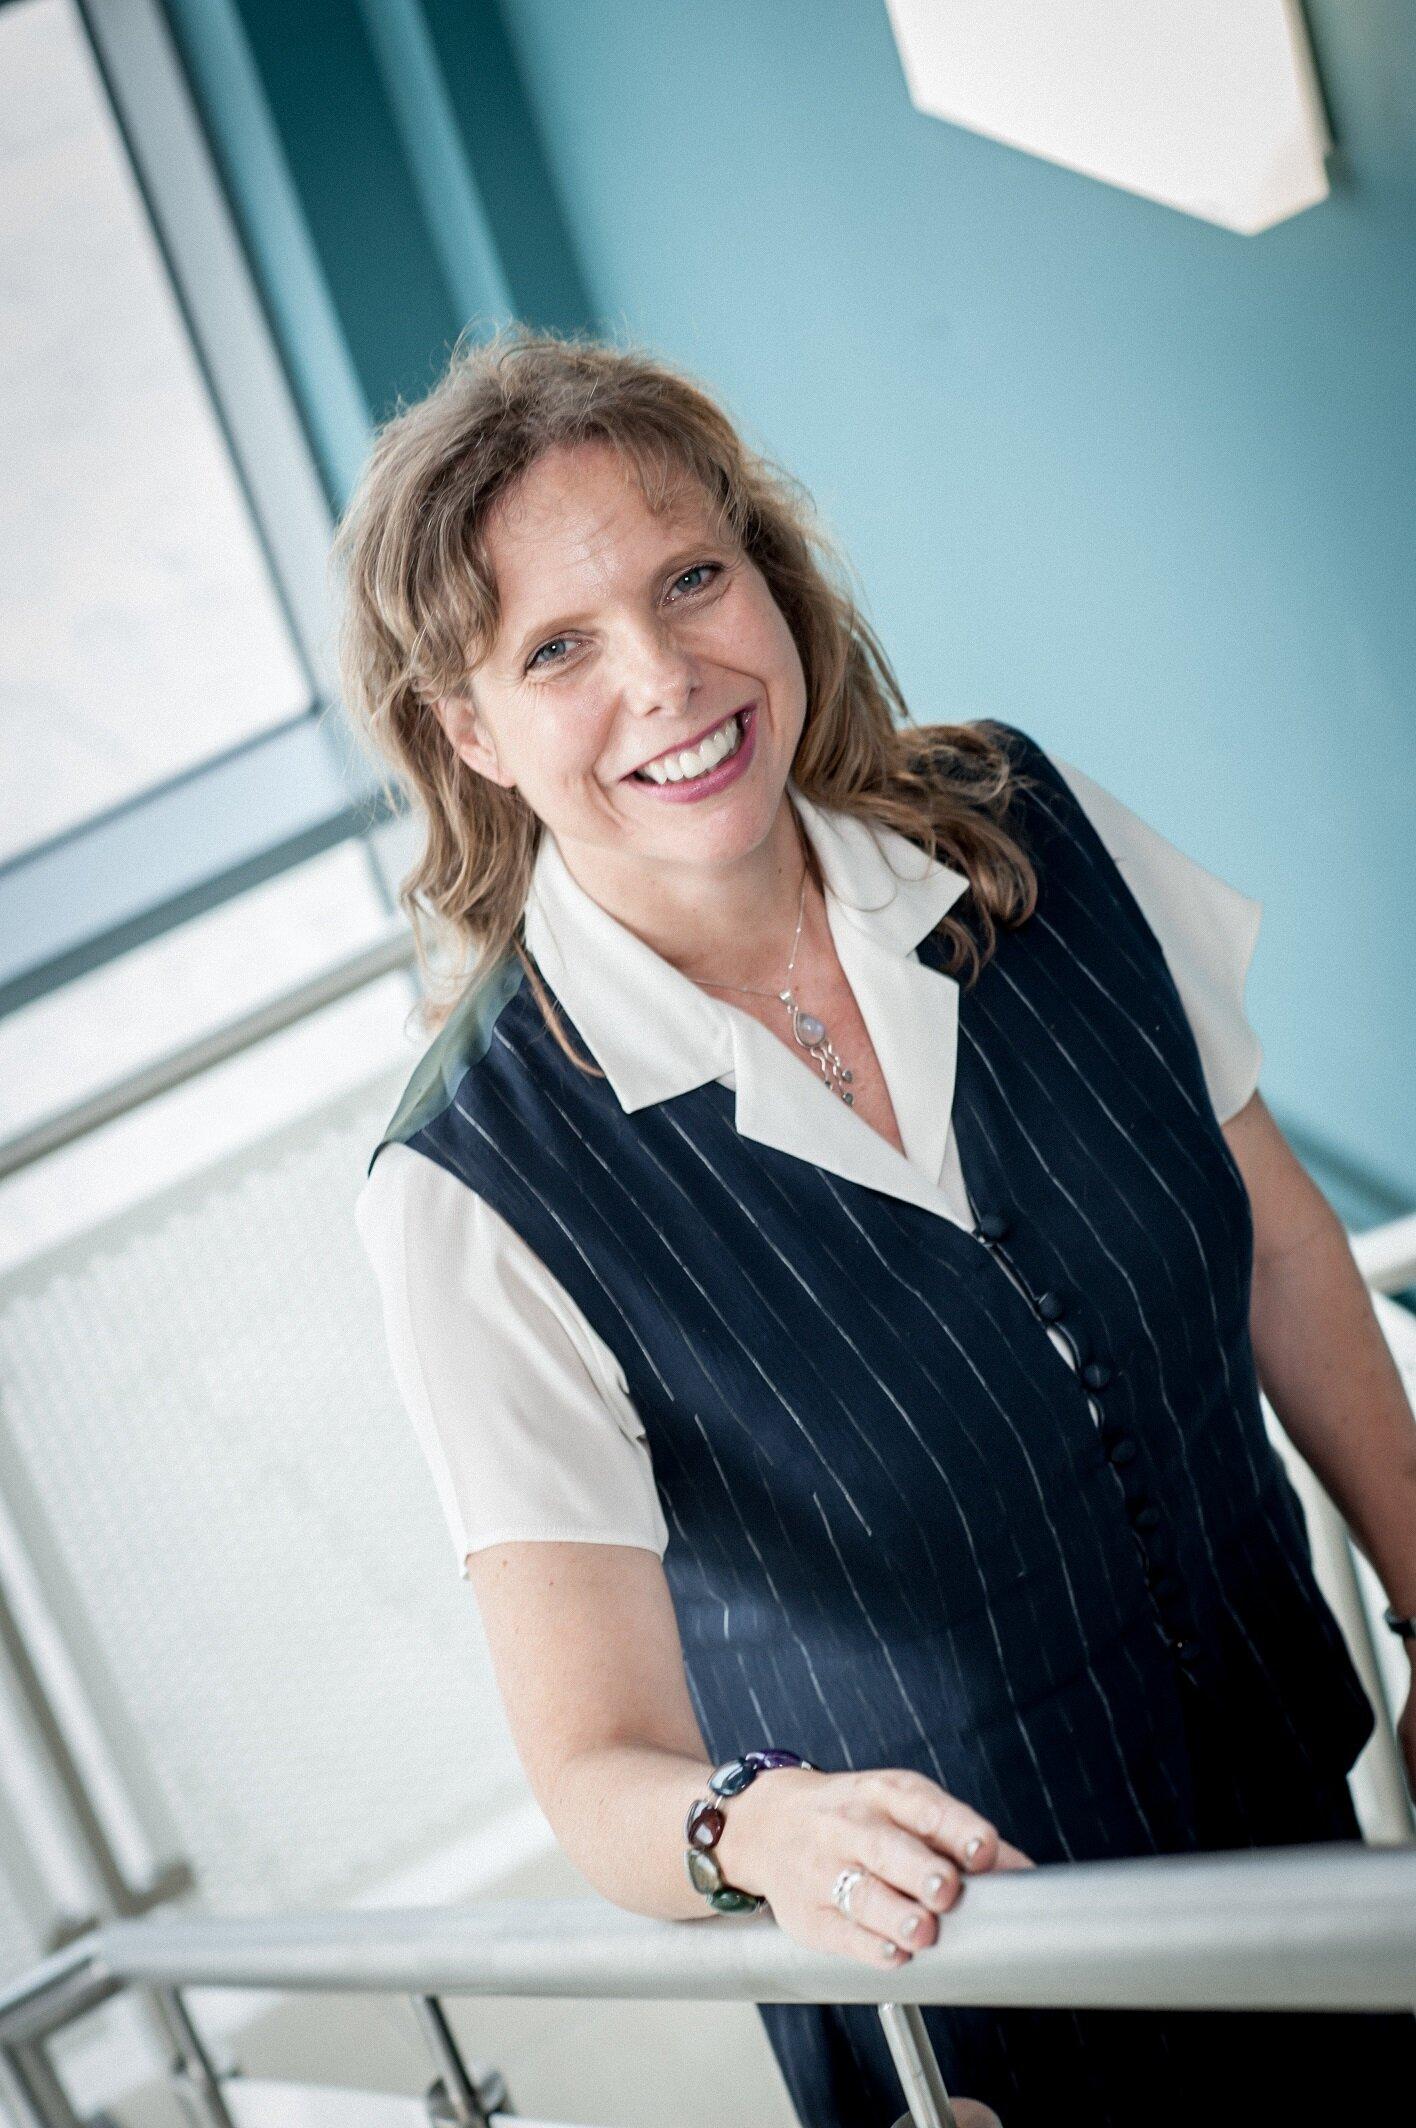 Bonnie Anley, Chair of Foyle Port